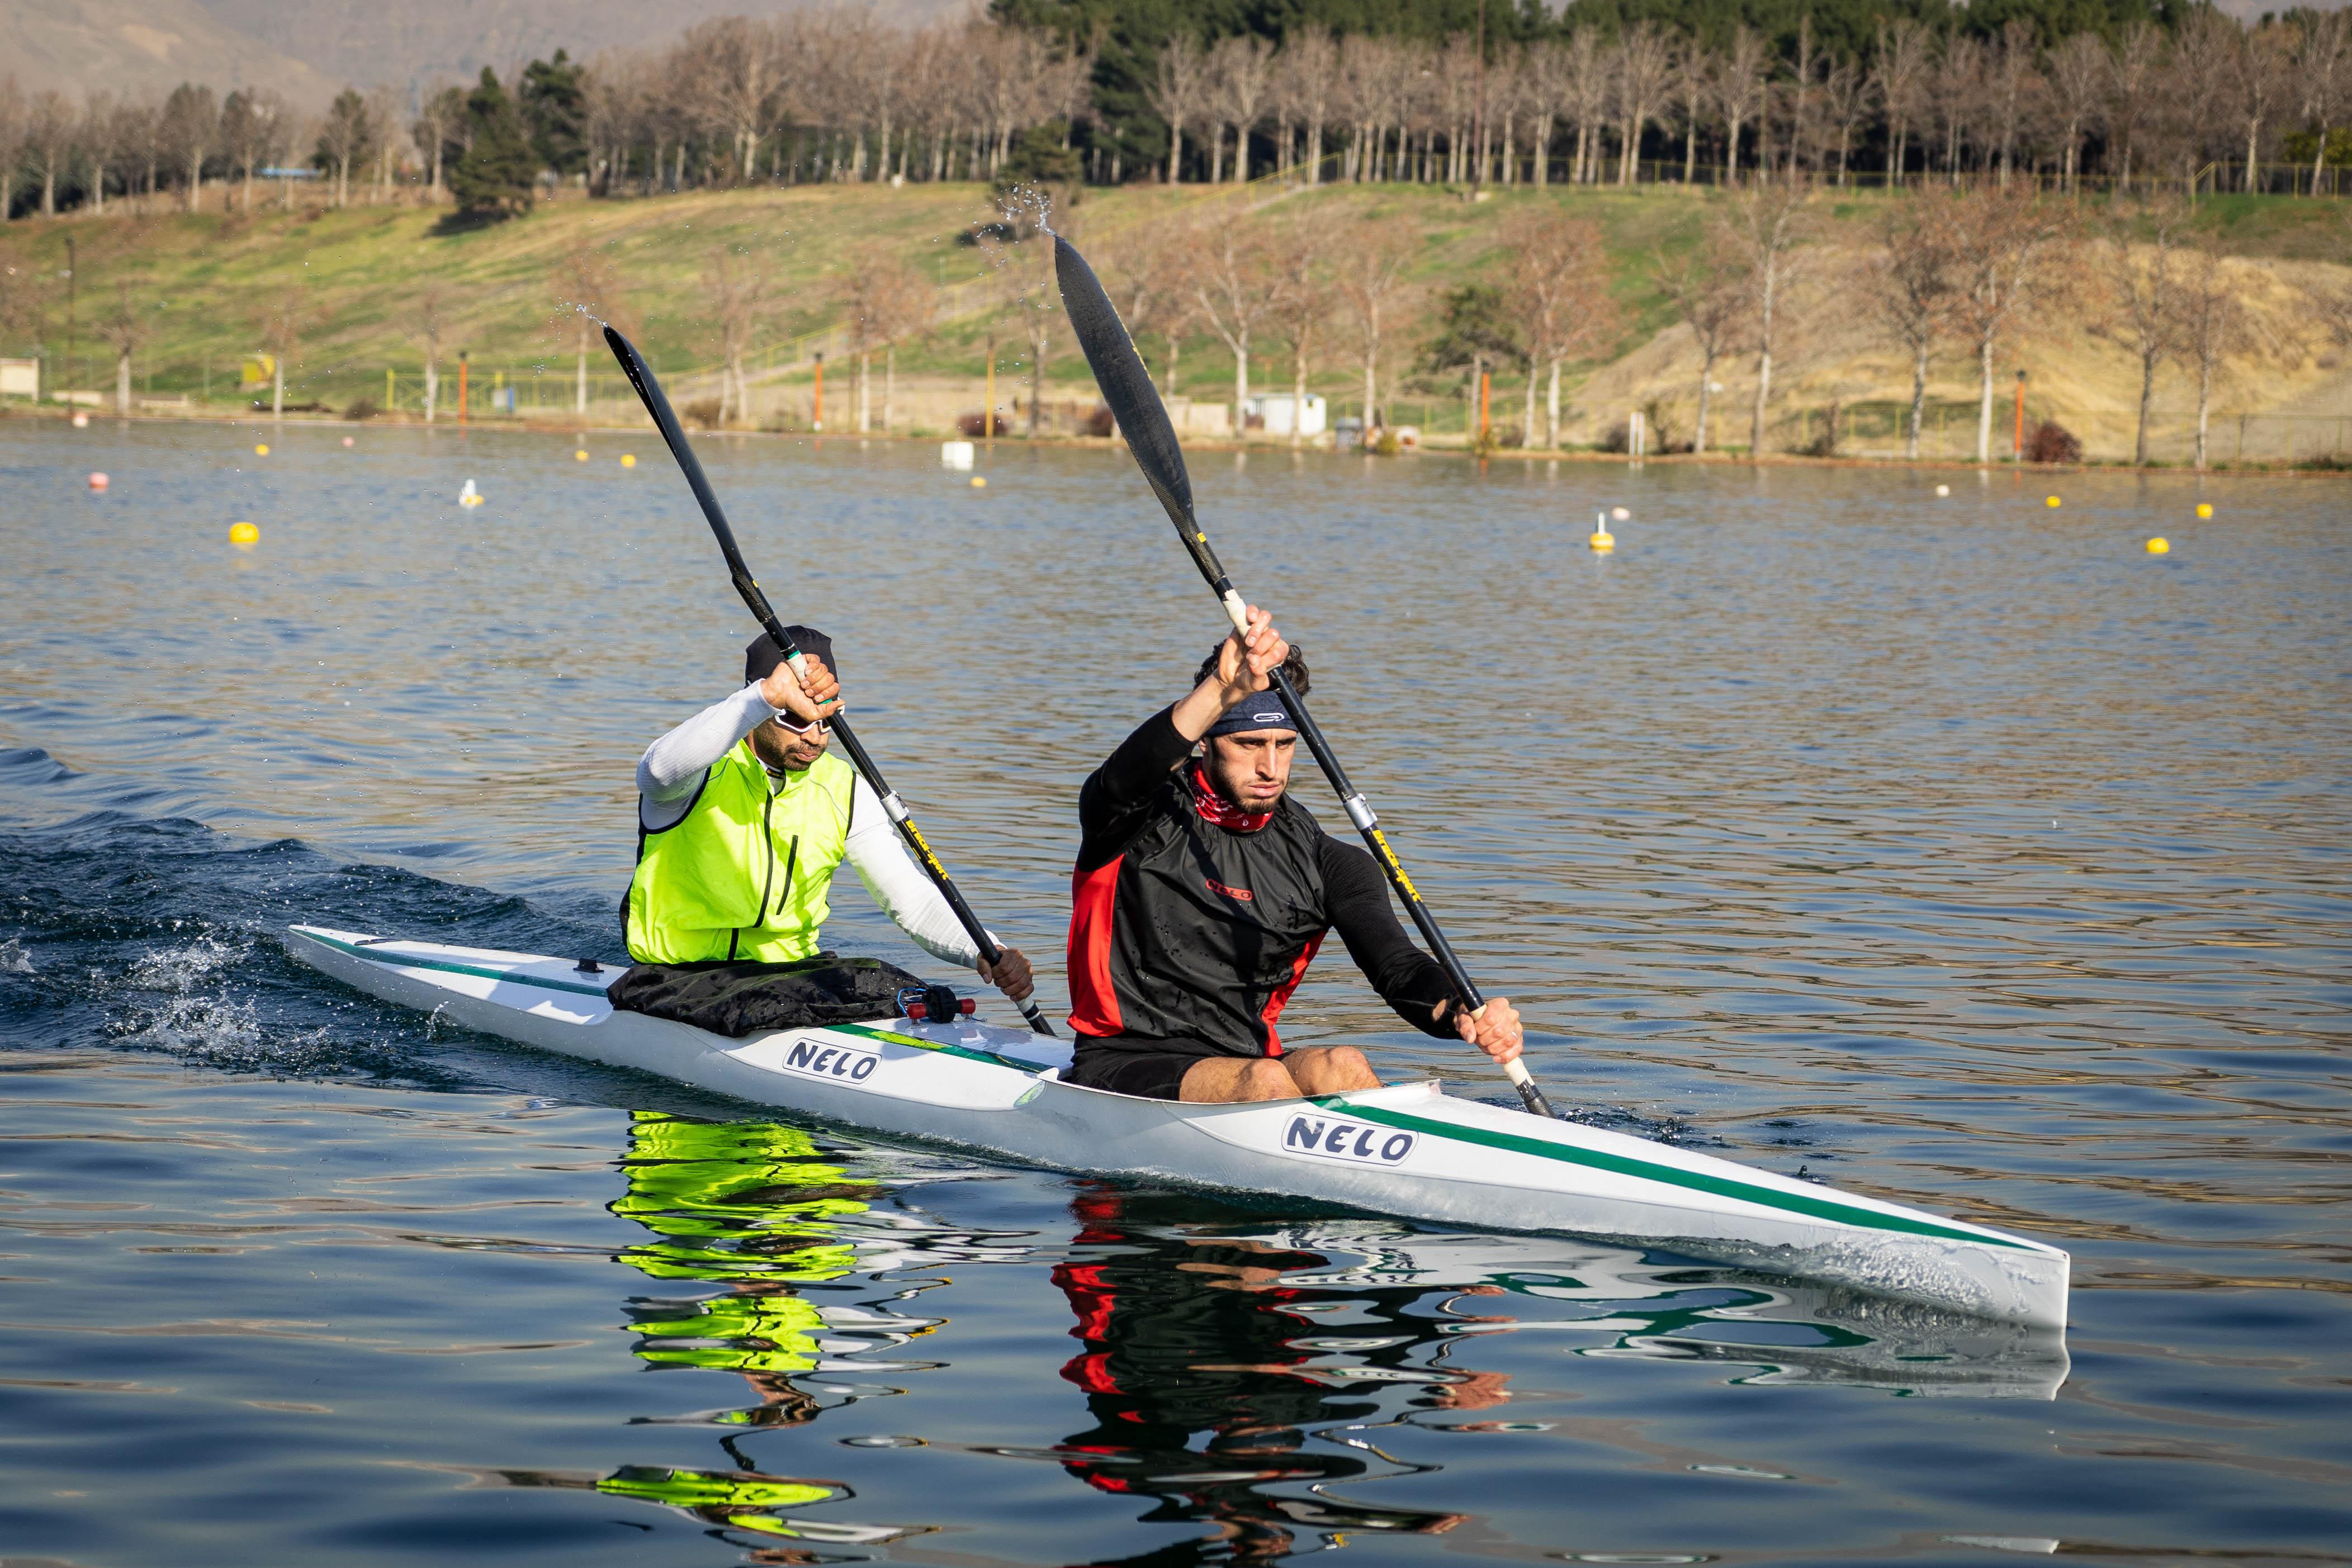 تمرینات ملی پوشان قایقرانی ایران در دریاچه آزادی